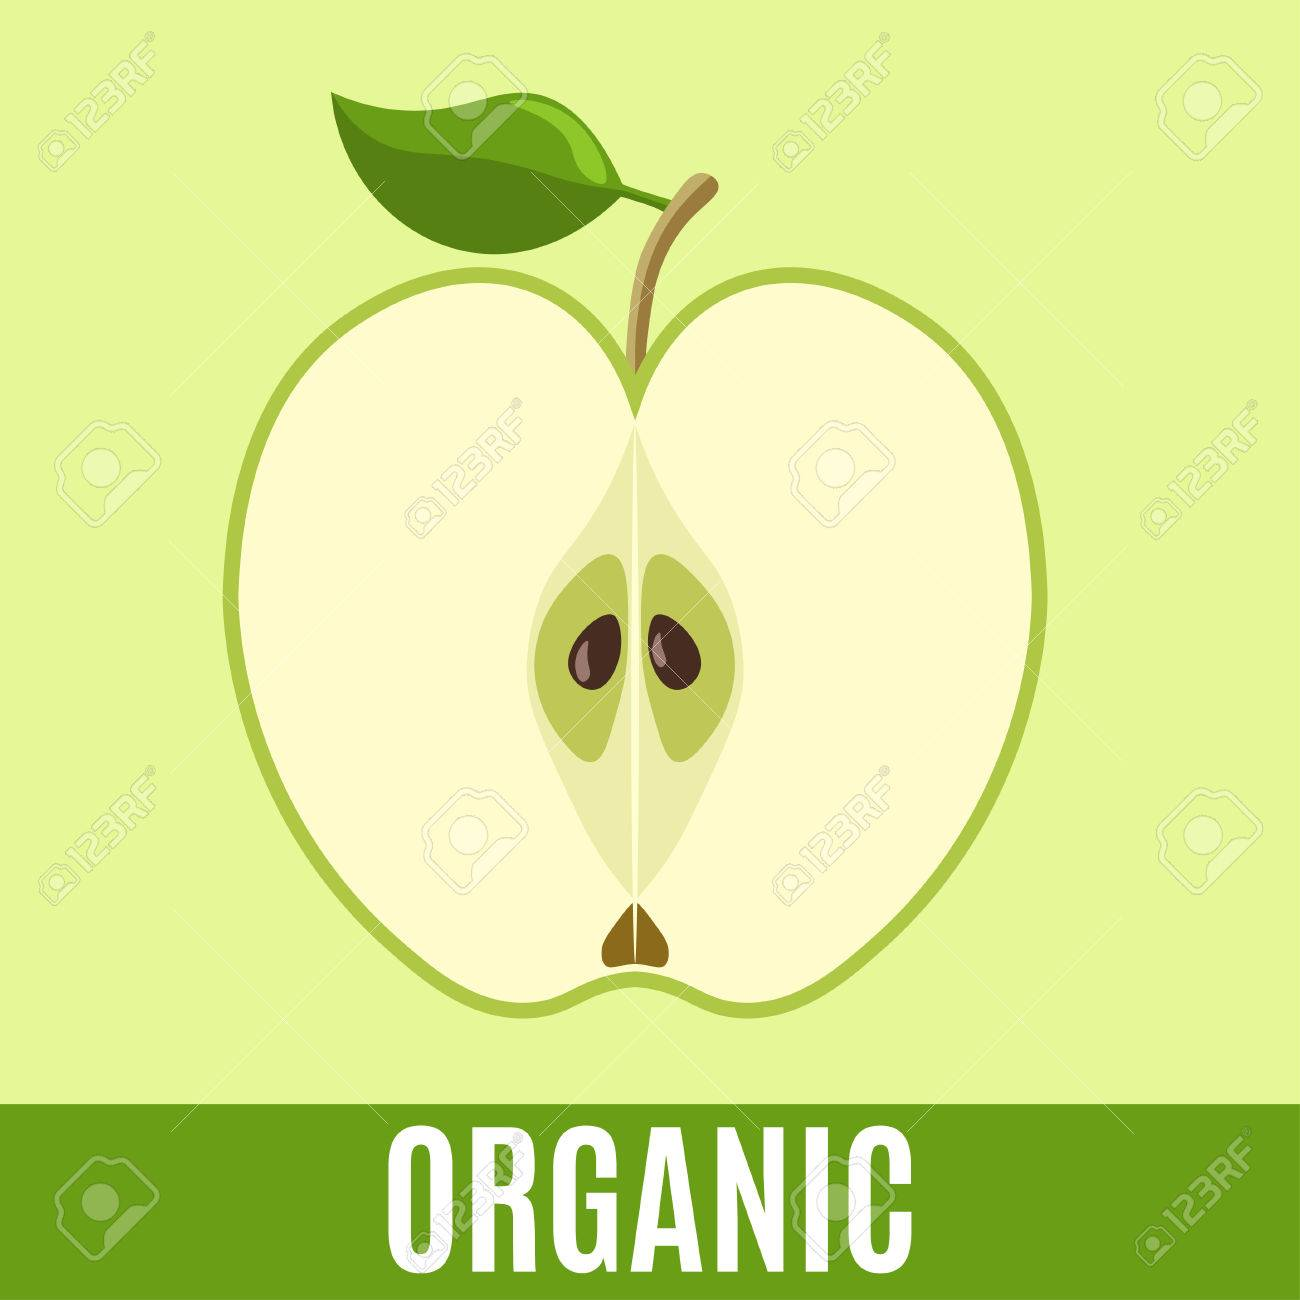 Organische Abfälle Flach Symbol Mit Apfel Und Text. Vektor-Konzept ...